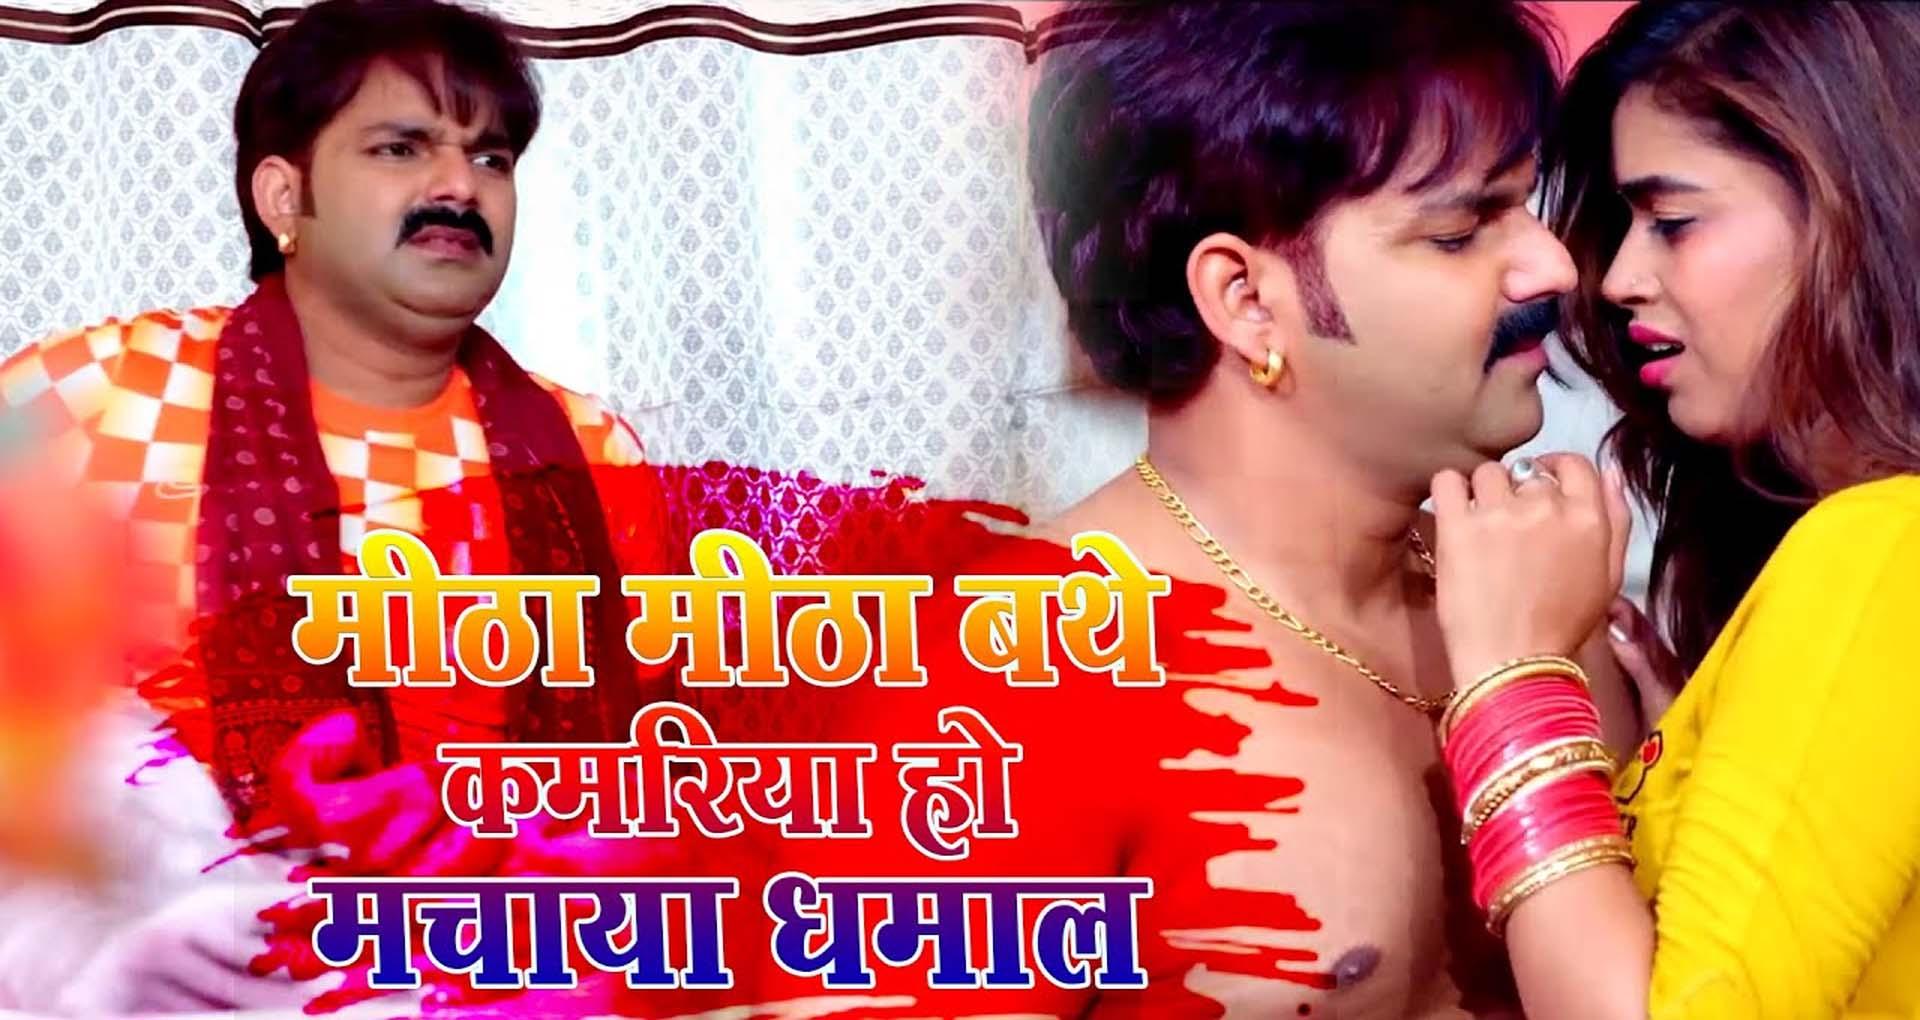 Pawan Singh Hit Song: पवन सिंह का गाना 'मीठा मीठा बथे कमरिया' हुआ हिट, देखें Video